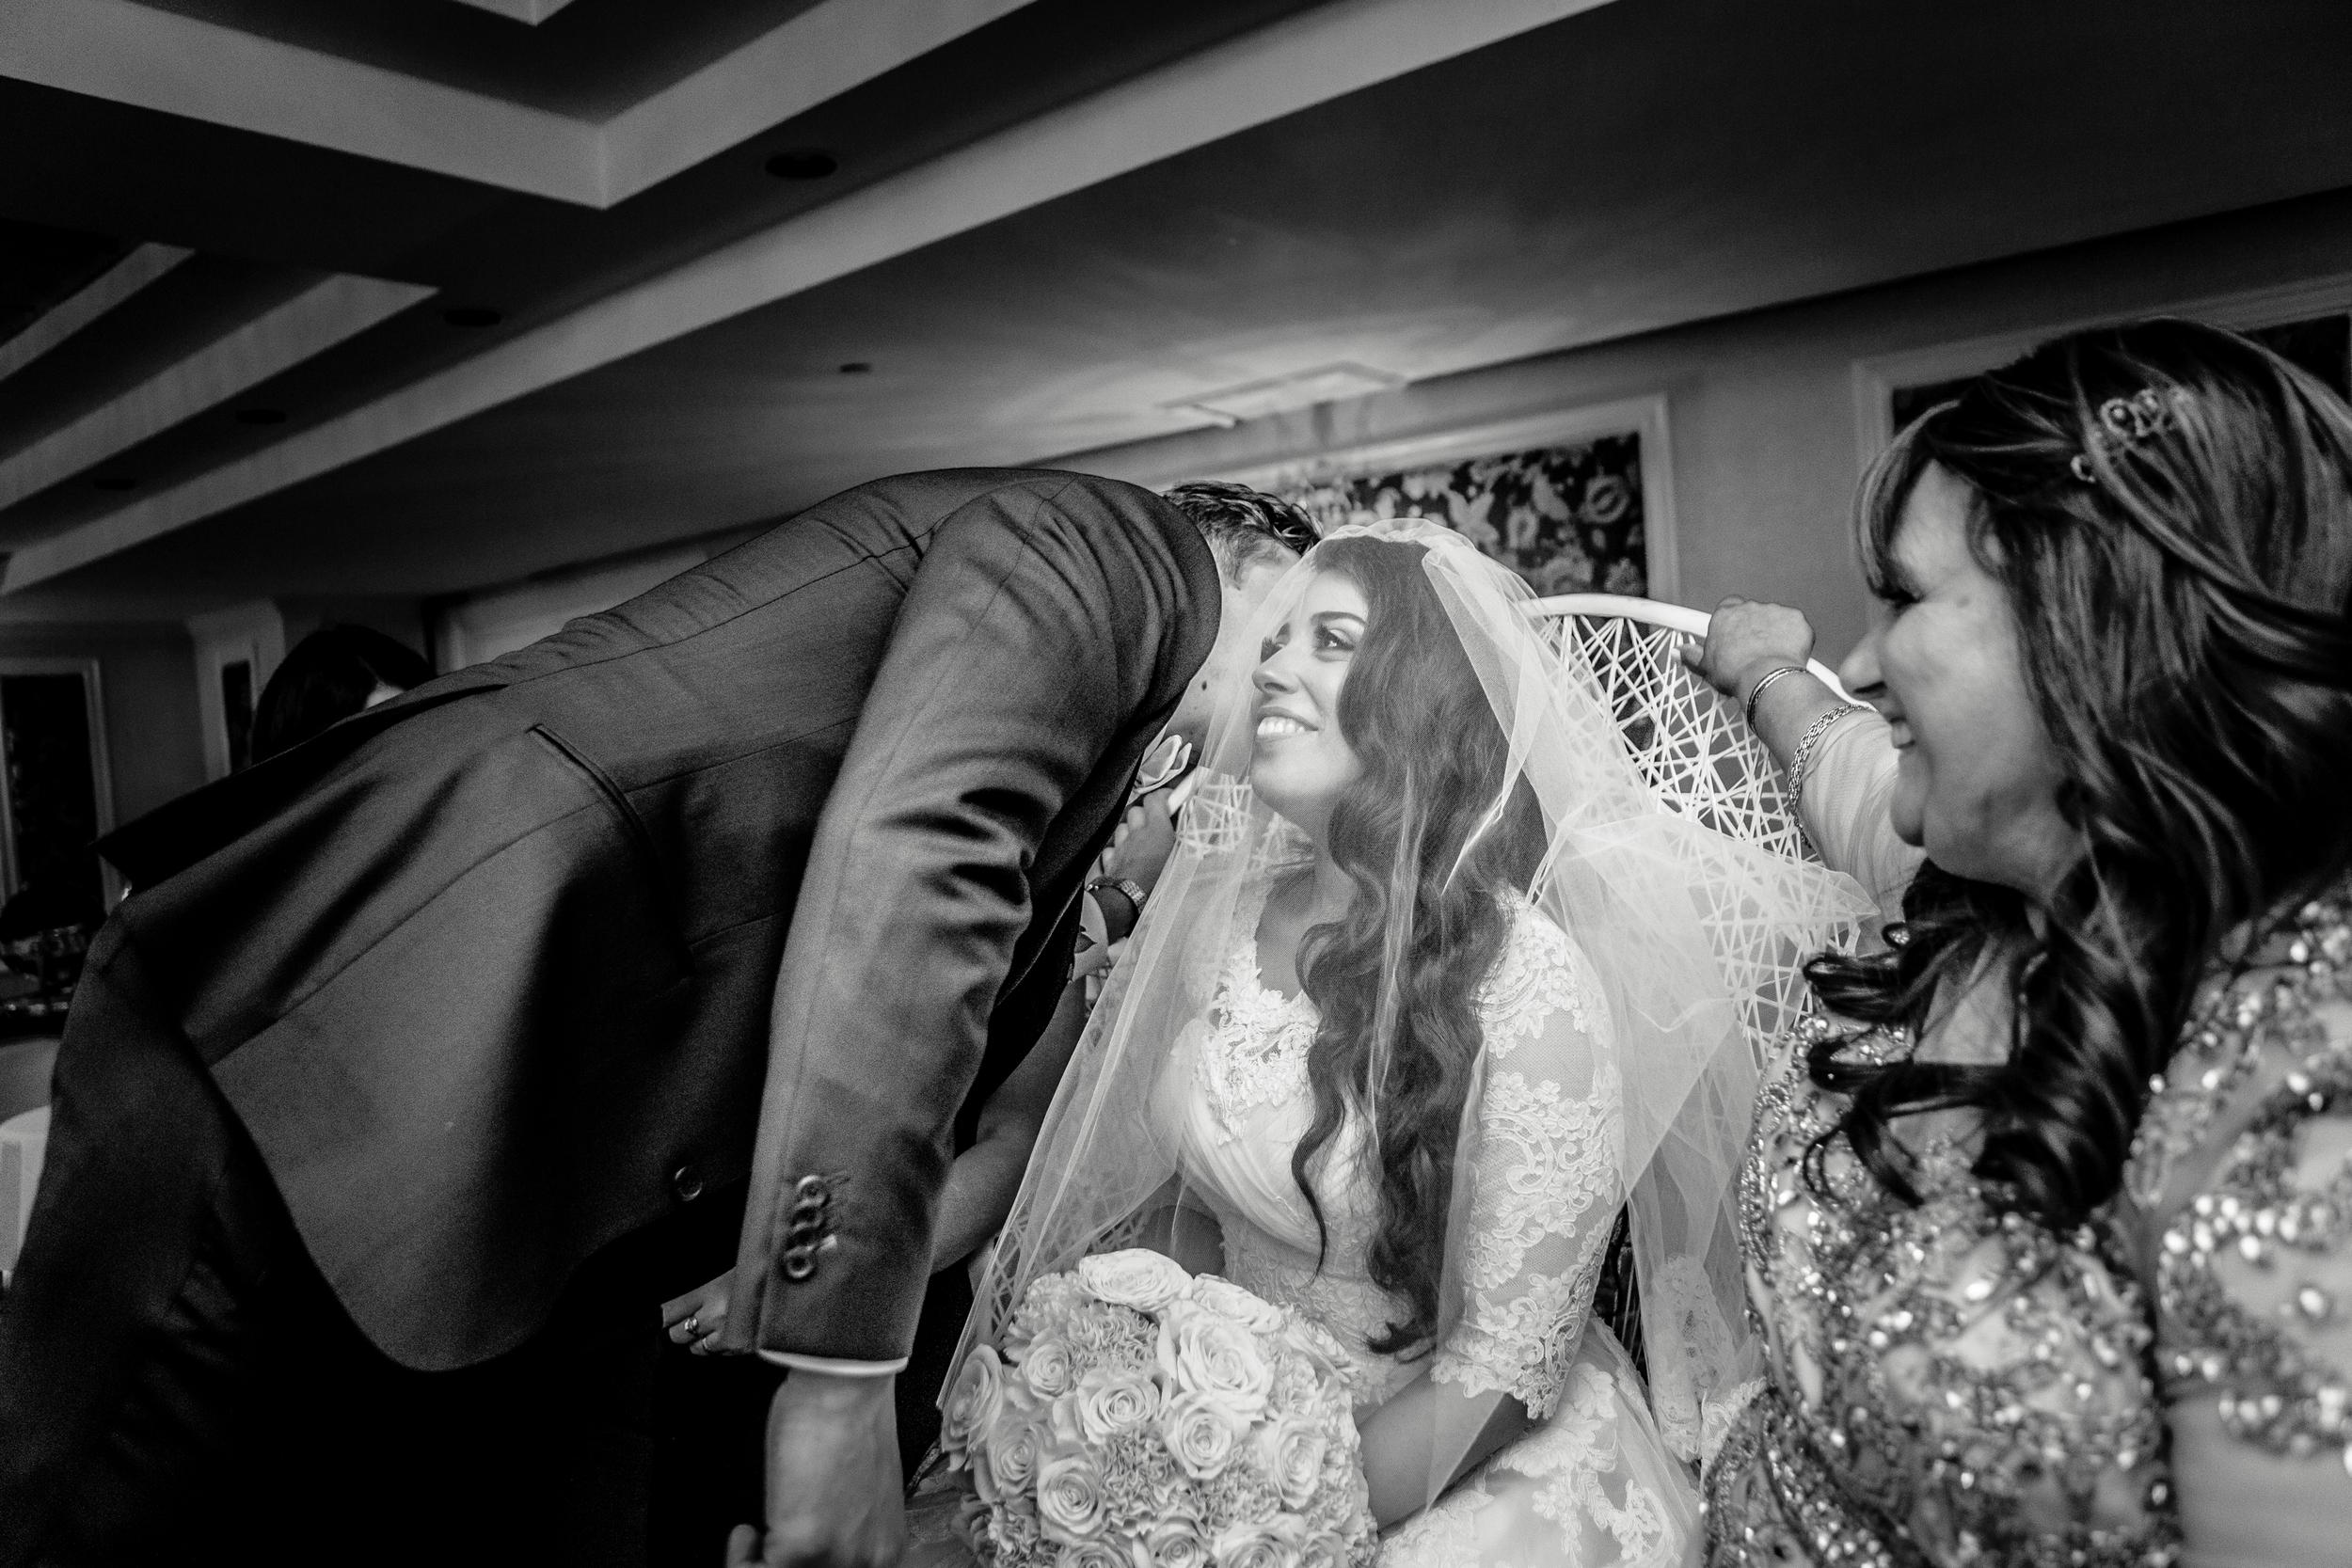 Wedding Etya & Sergey - Eliau Piha studio photography, new york, events, people-0347.jpg